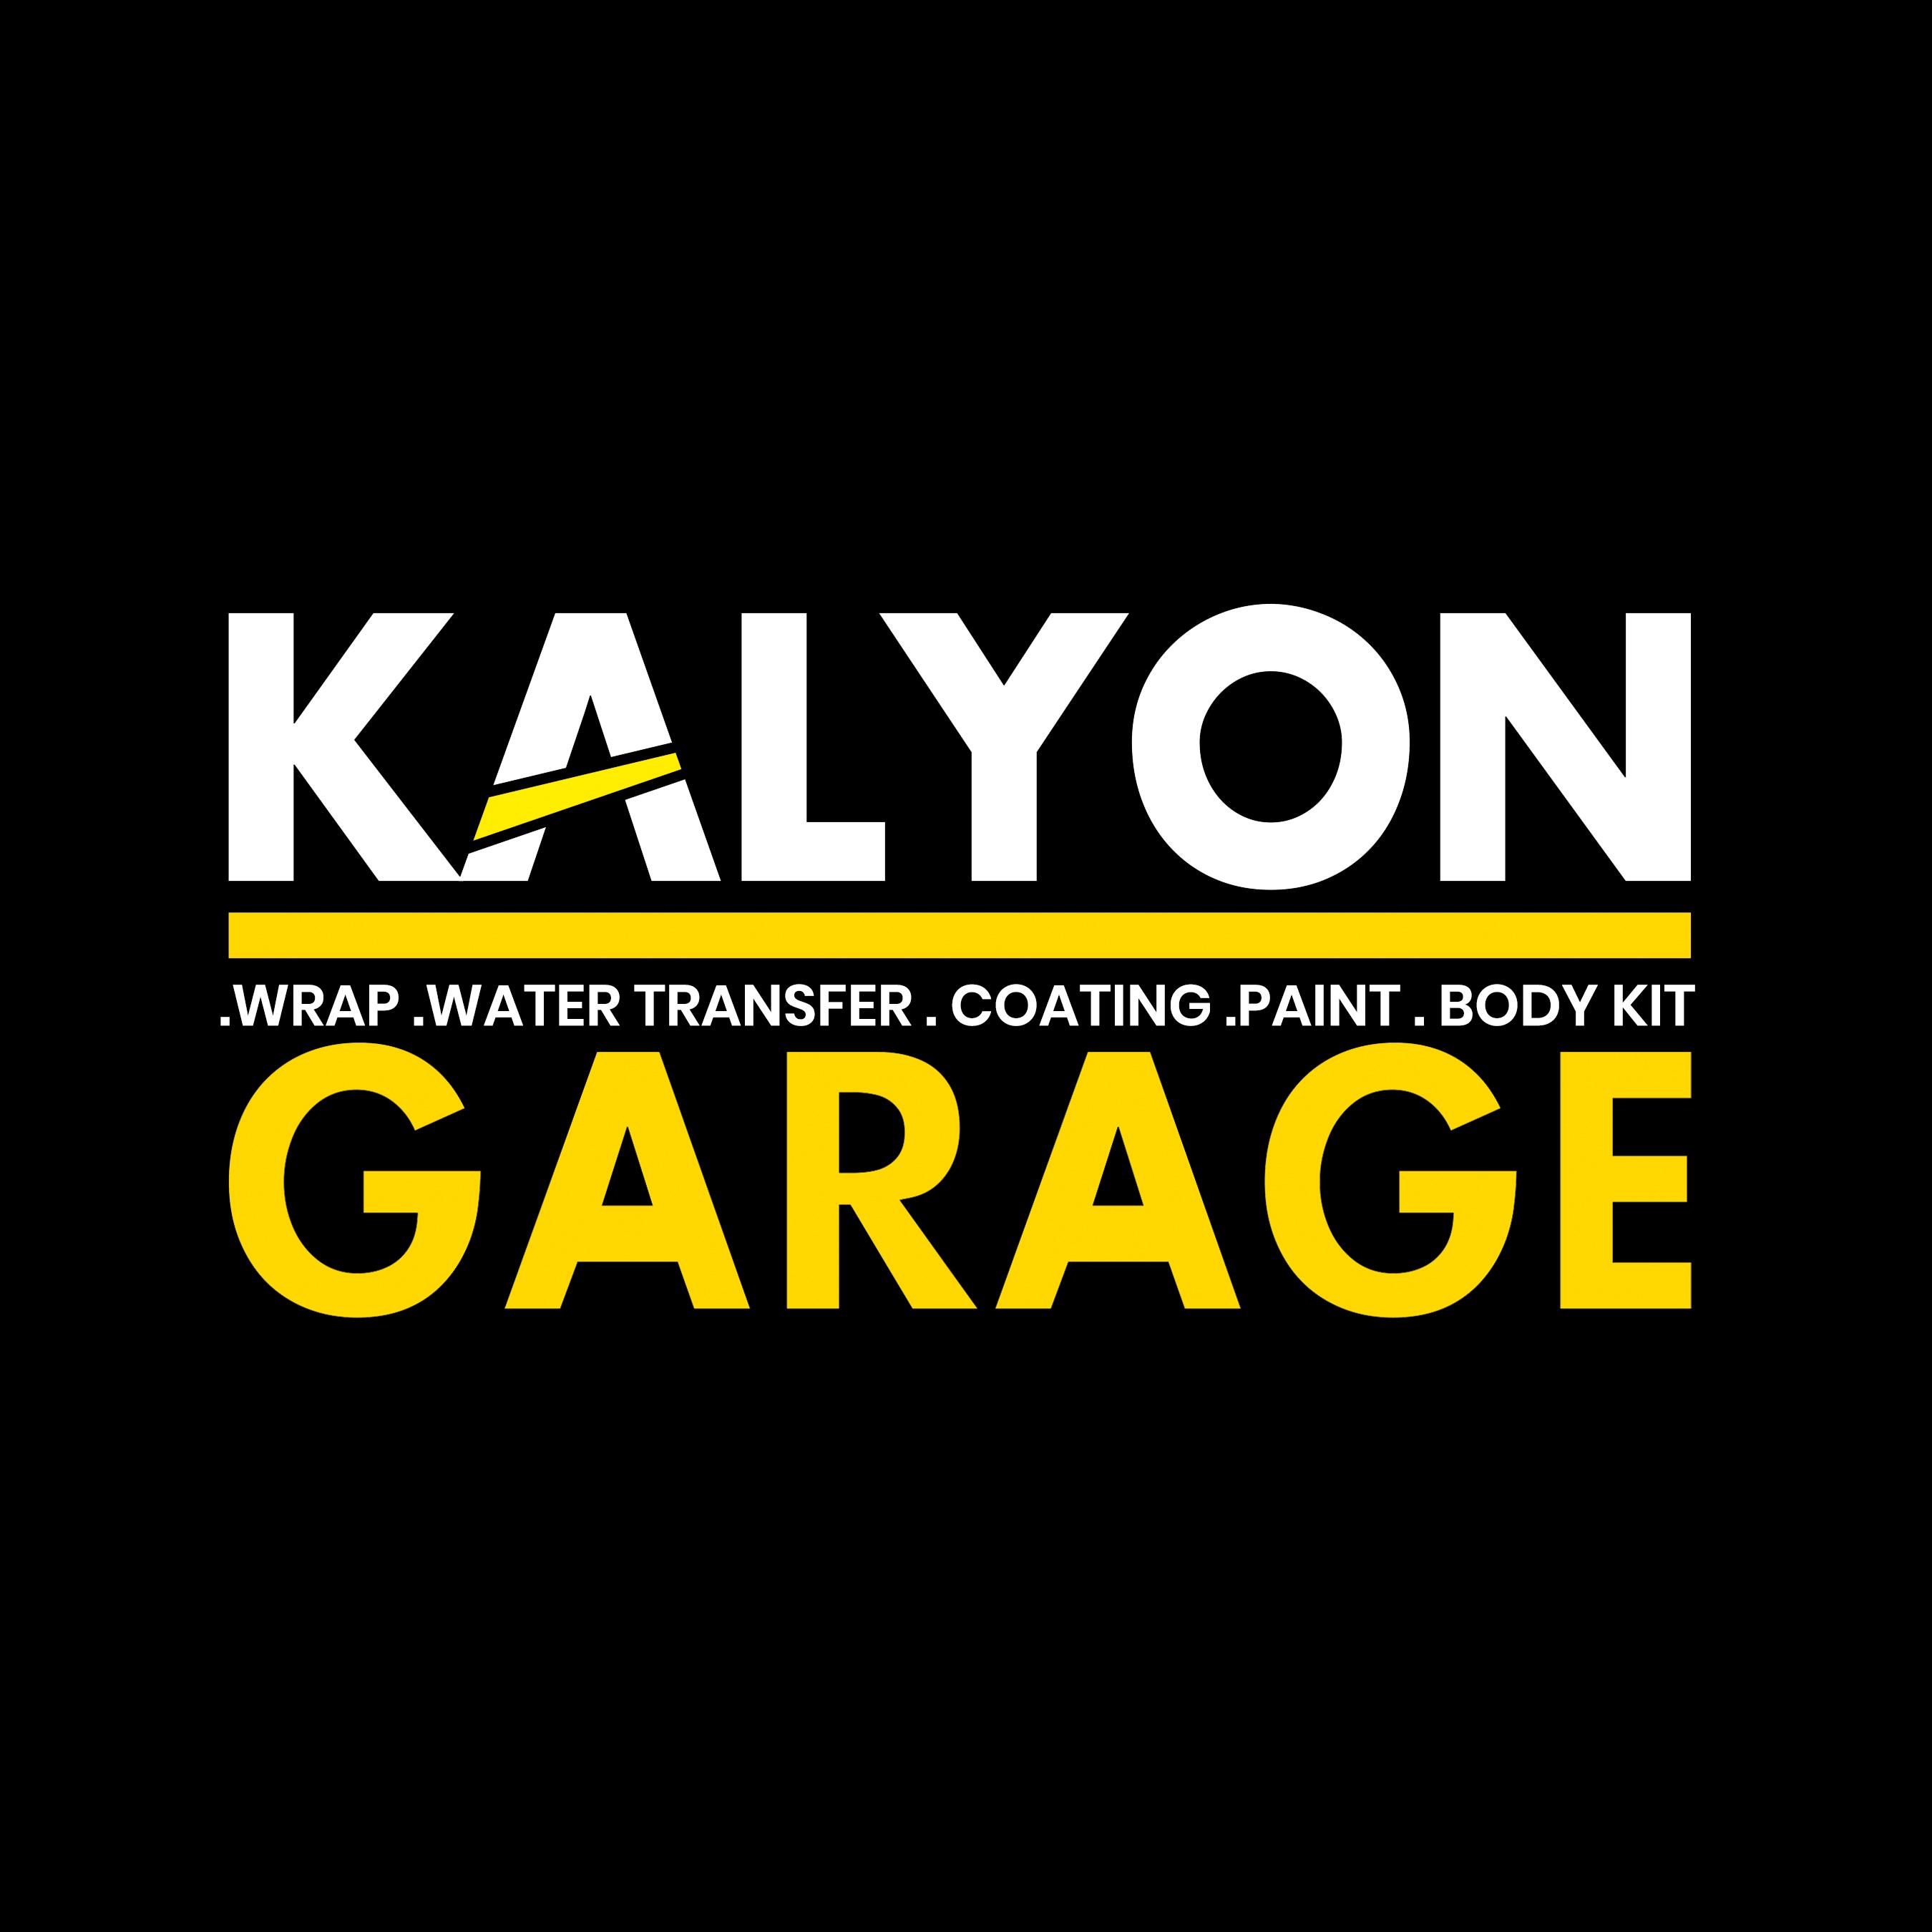 Kalyon Garage